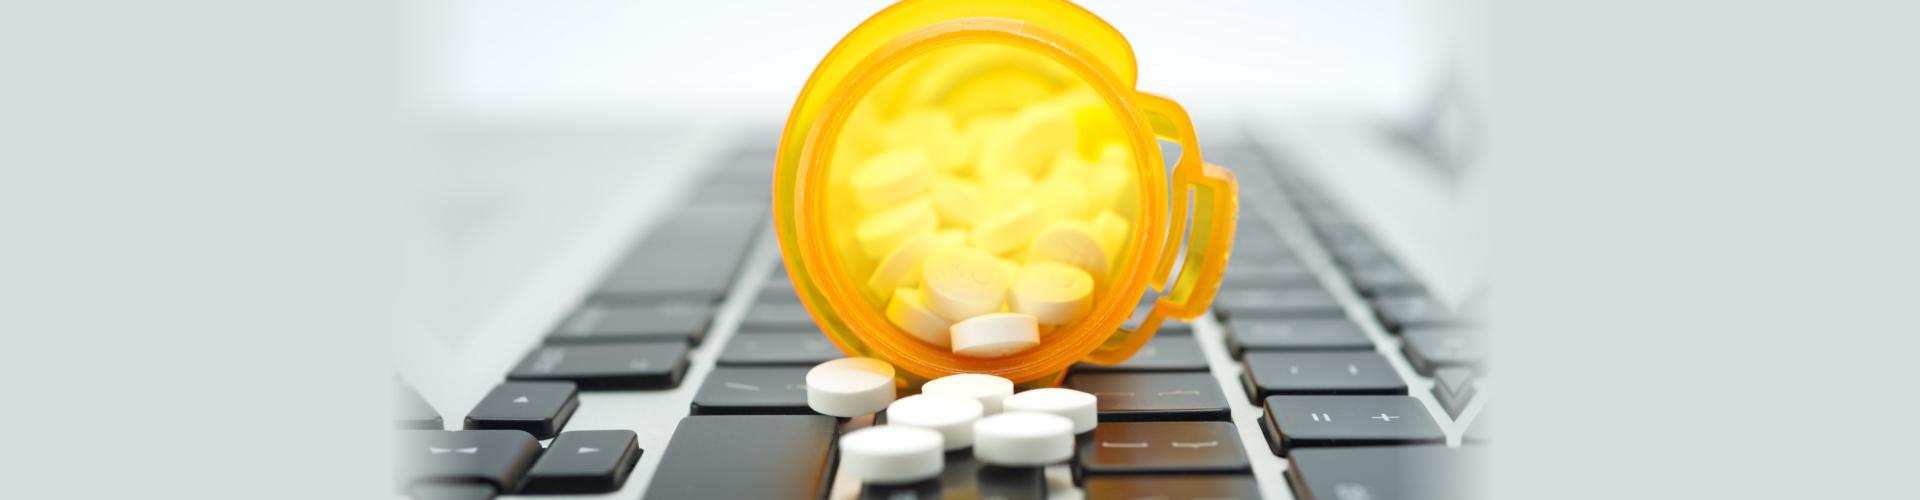 Online prescription order concept with bottles of medicine on keyboard